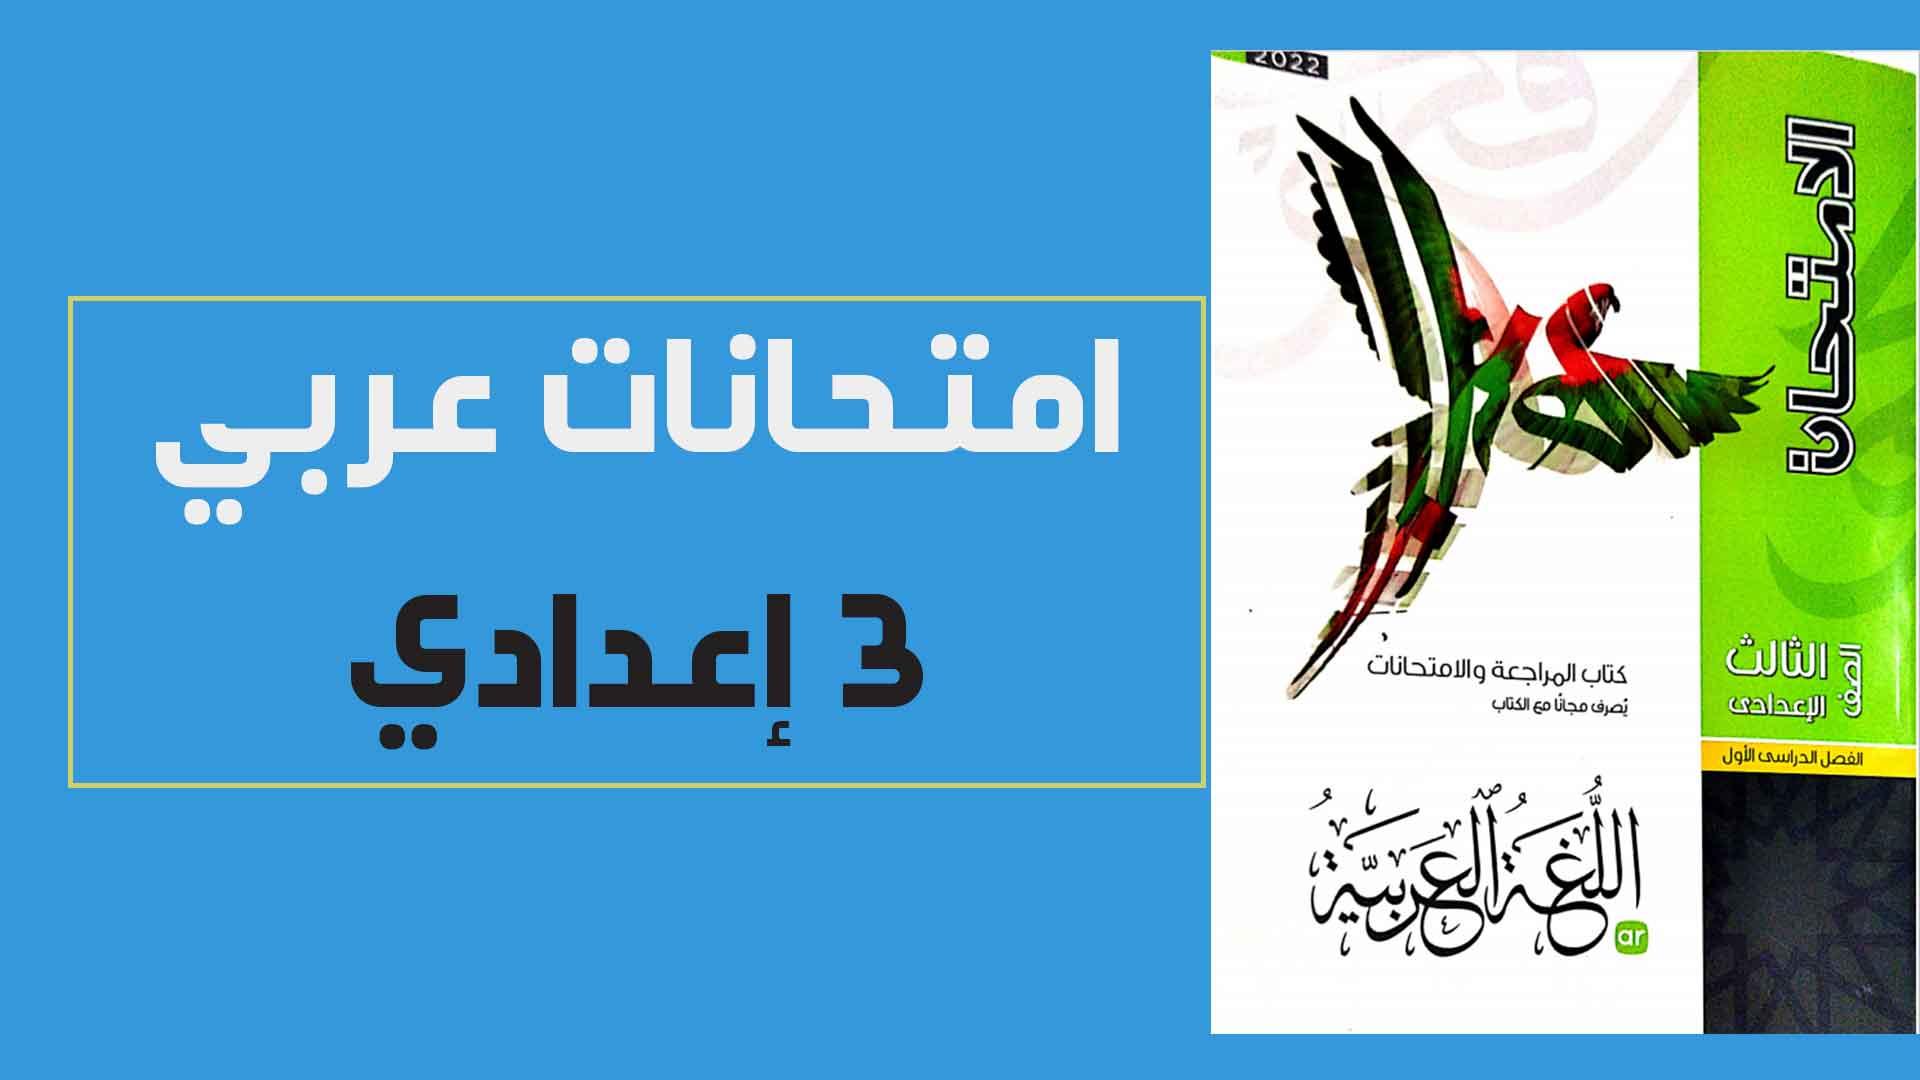 تحميل كتاب الإمتحان فى اللغة العربية pdf (كتاب الإمتحانات والأسئلة ) للصف الثالث الاعدادى الترم الأول 2022 (النسخة الجديدة)